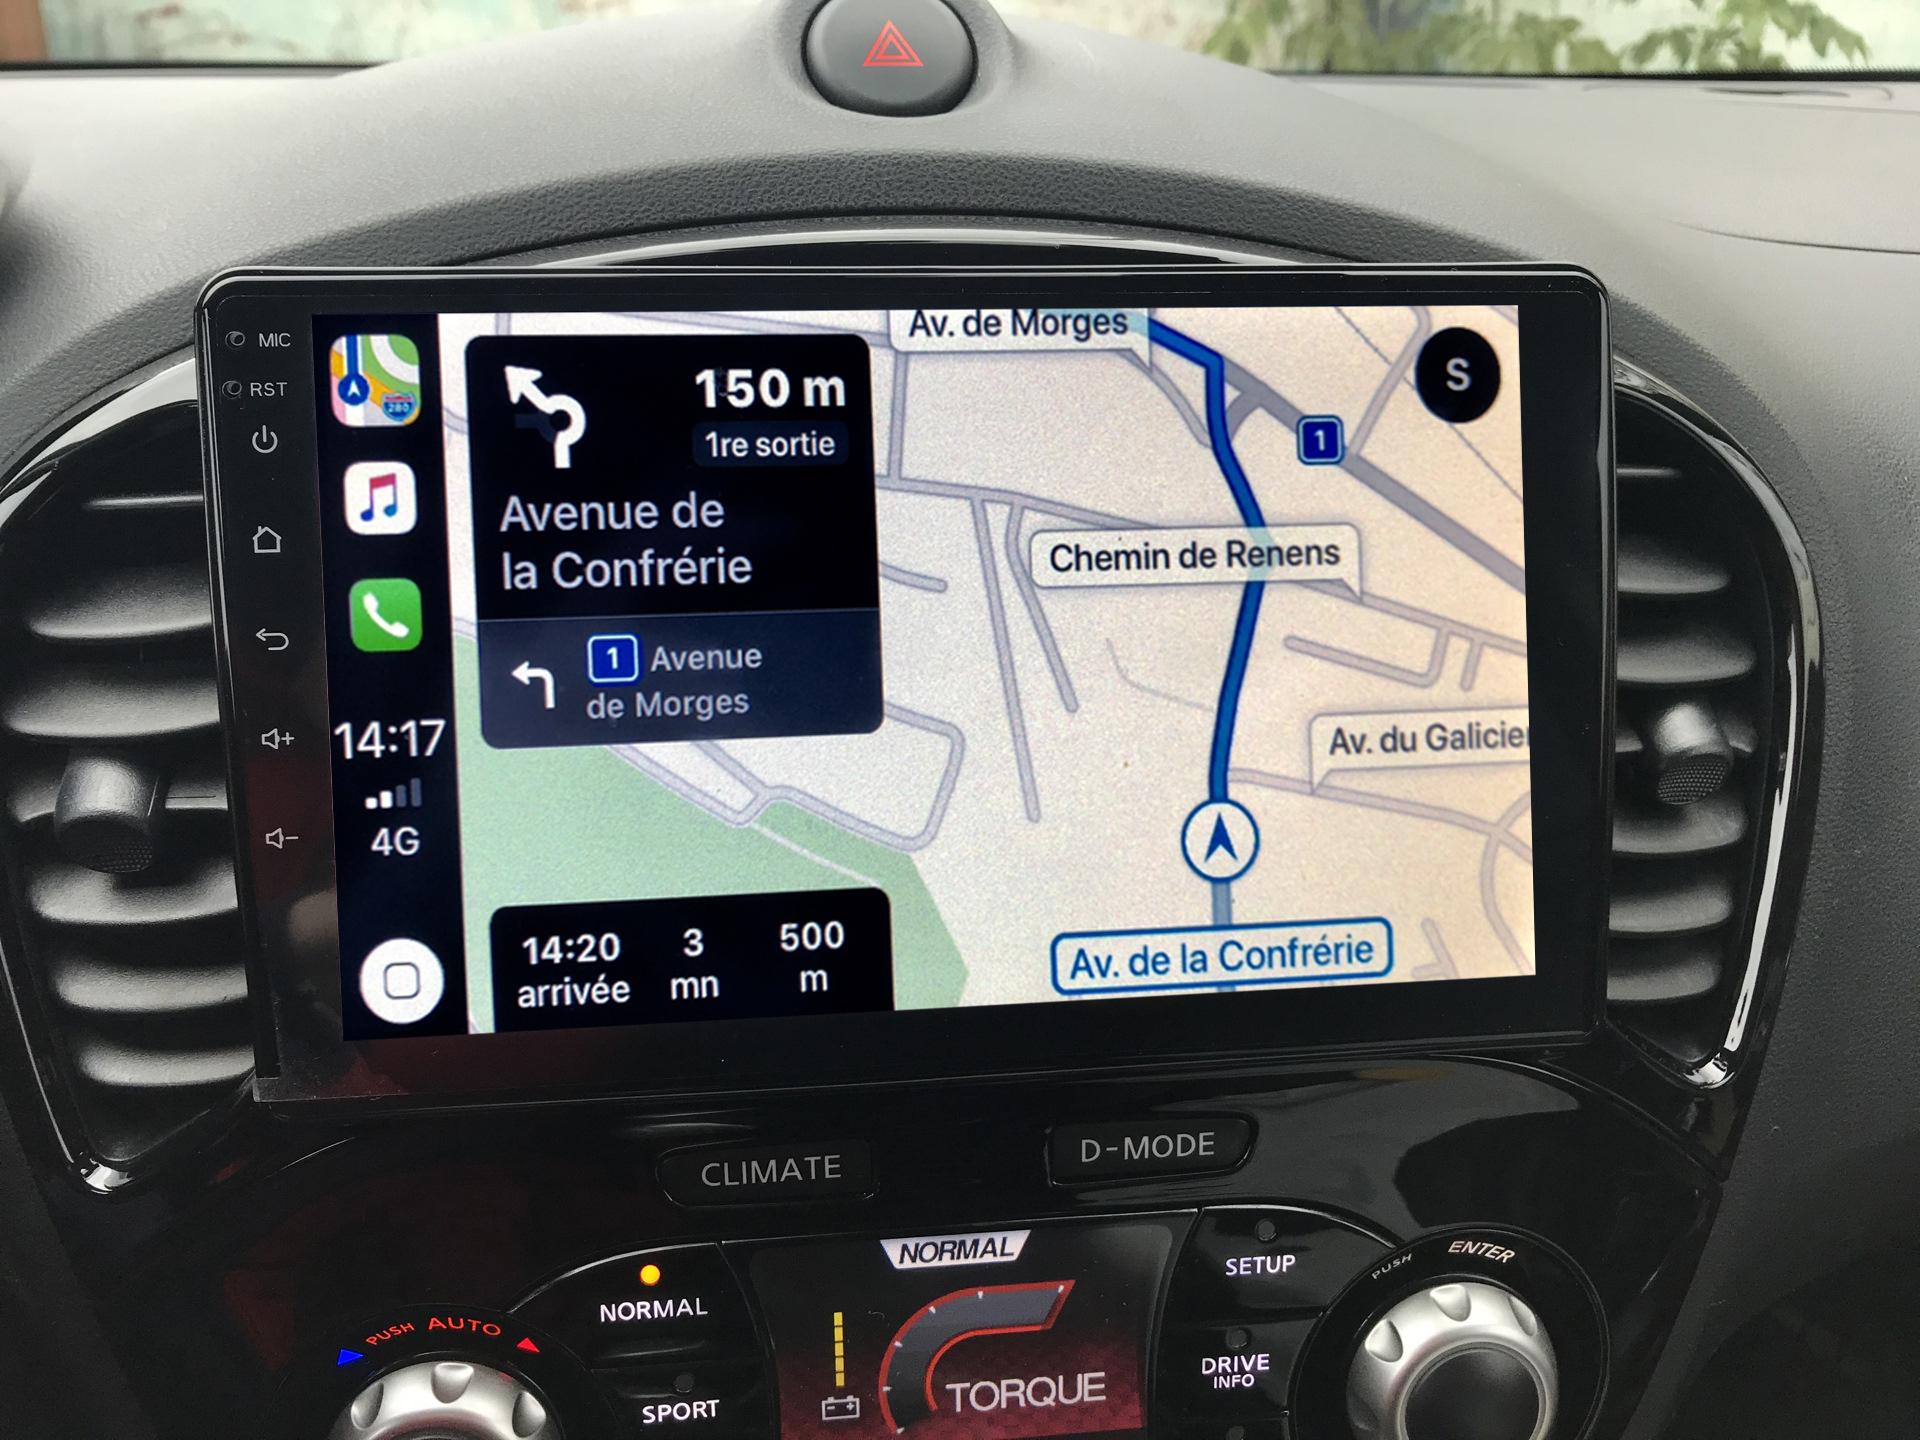 Autoradio GPS à écran tactile QLED Android 11.0 et Apple Carplay sans fil Nissan Juke de 2010 à 2018